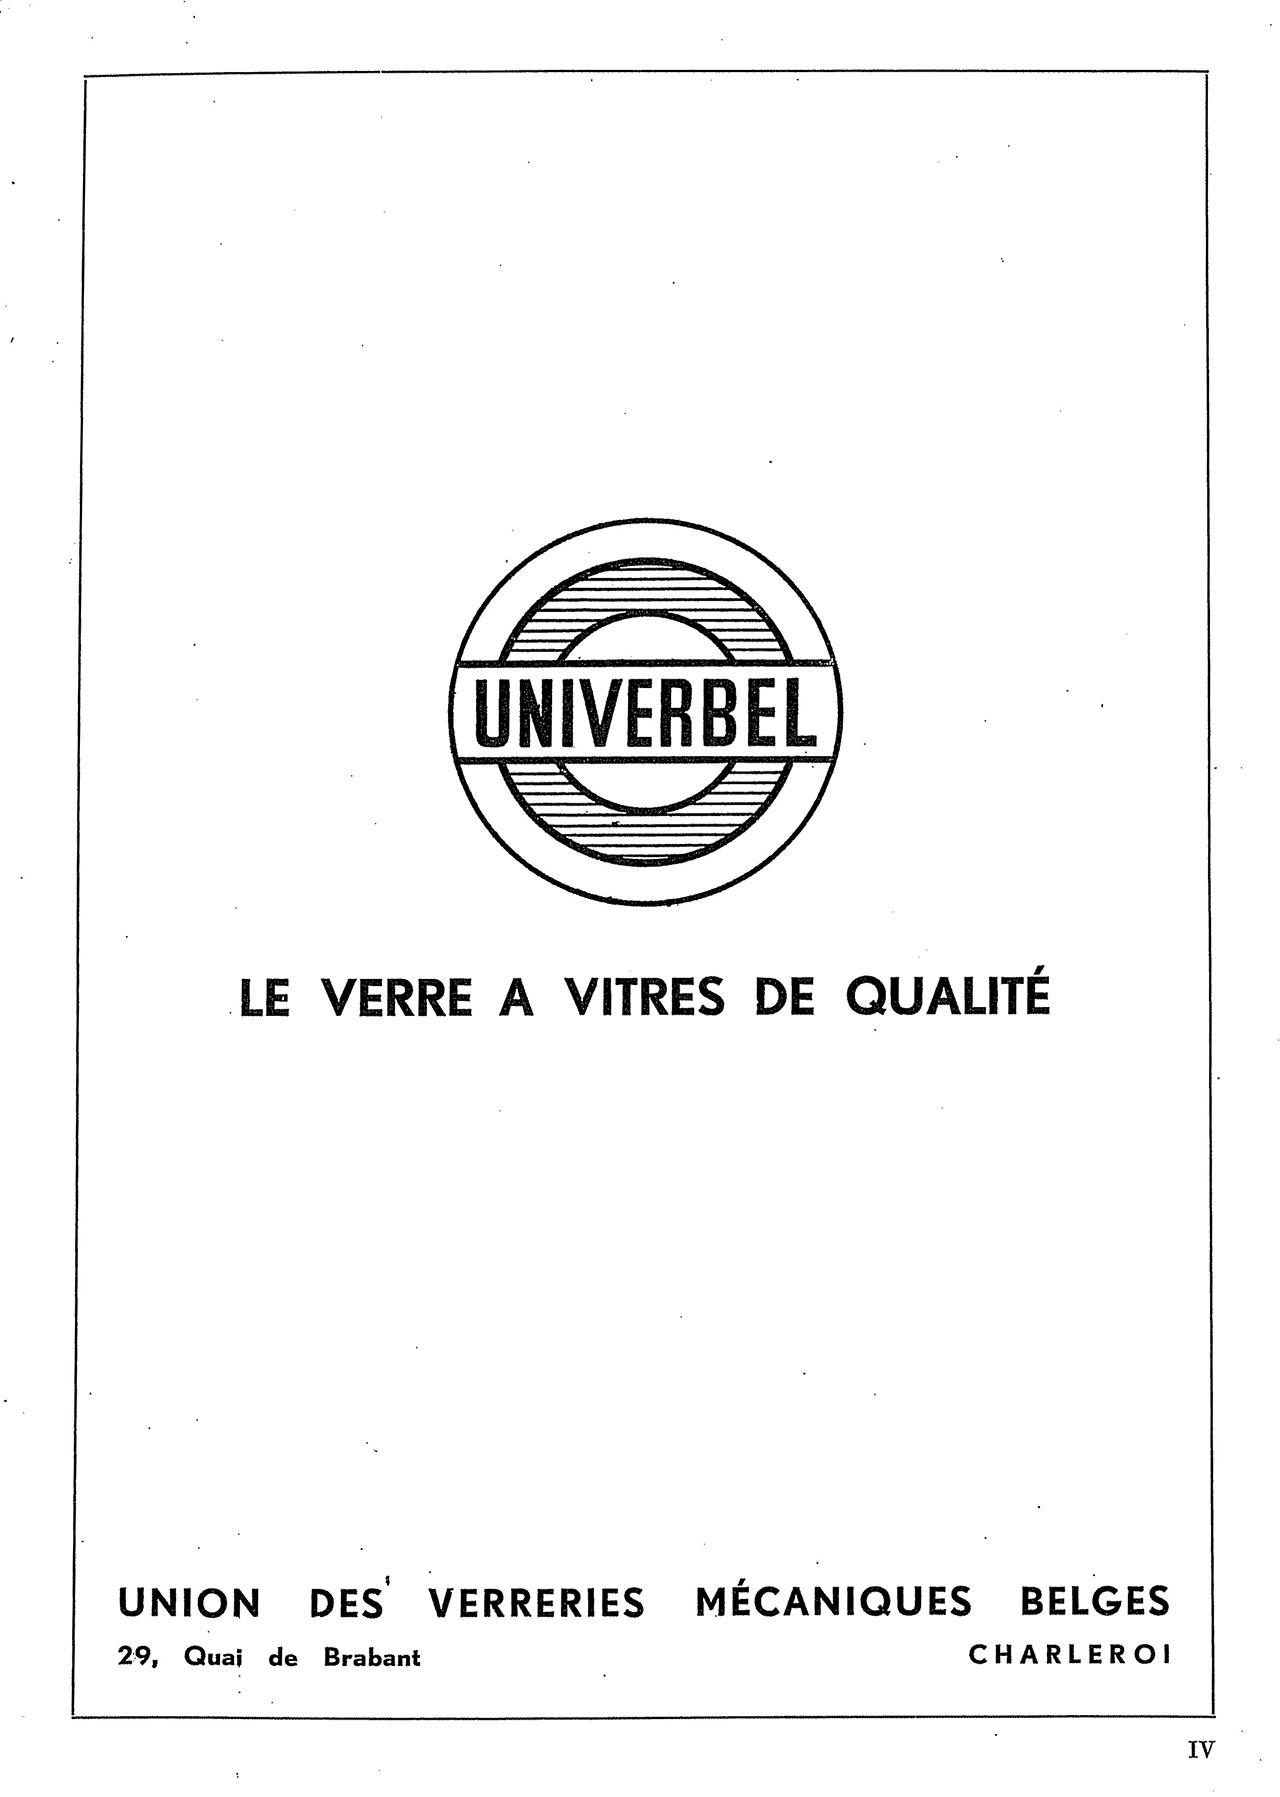 Univerbel